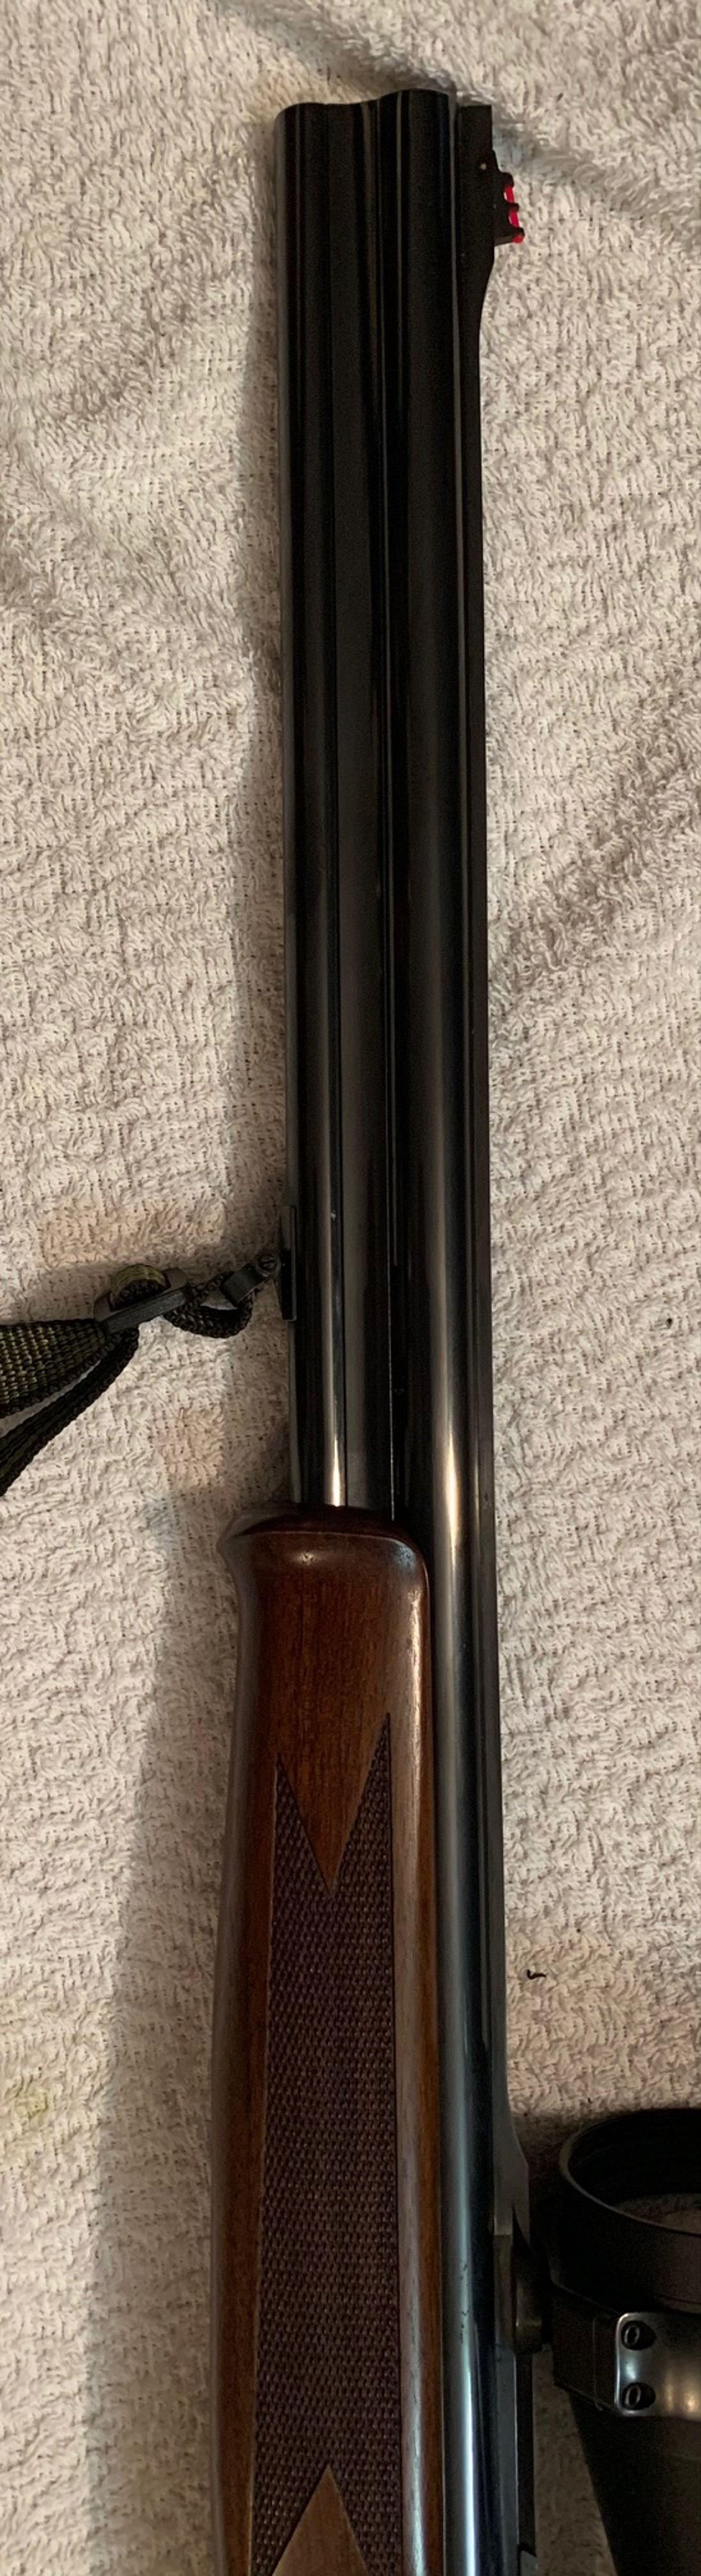 Schöne BBF Zoli  9,3x74 R   12 /70  mit Handspannung